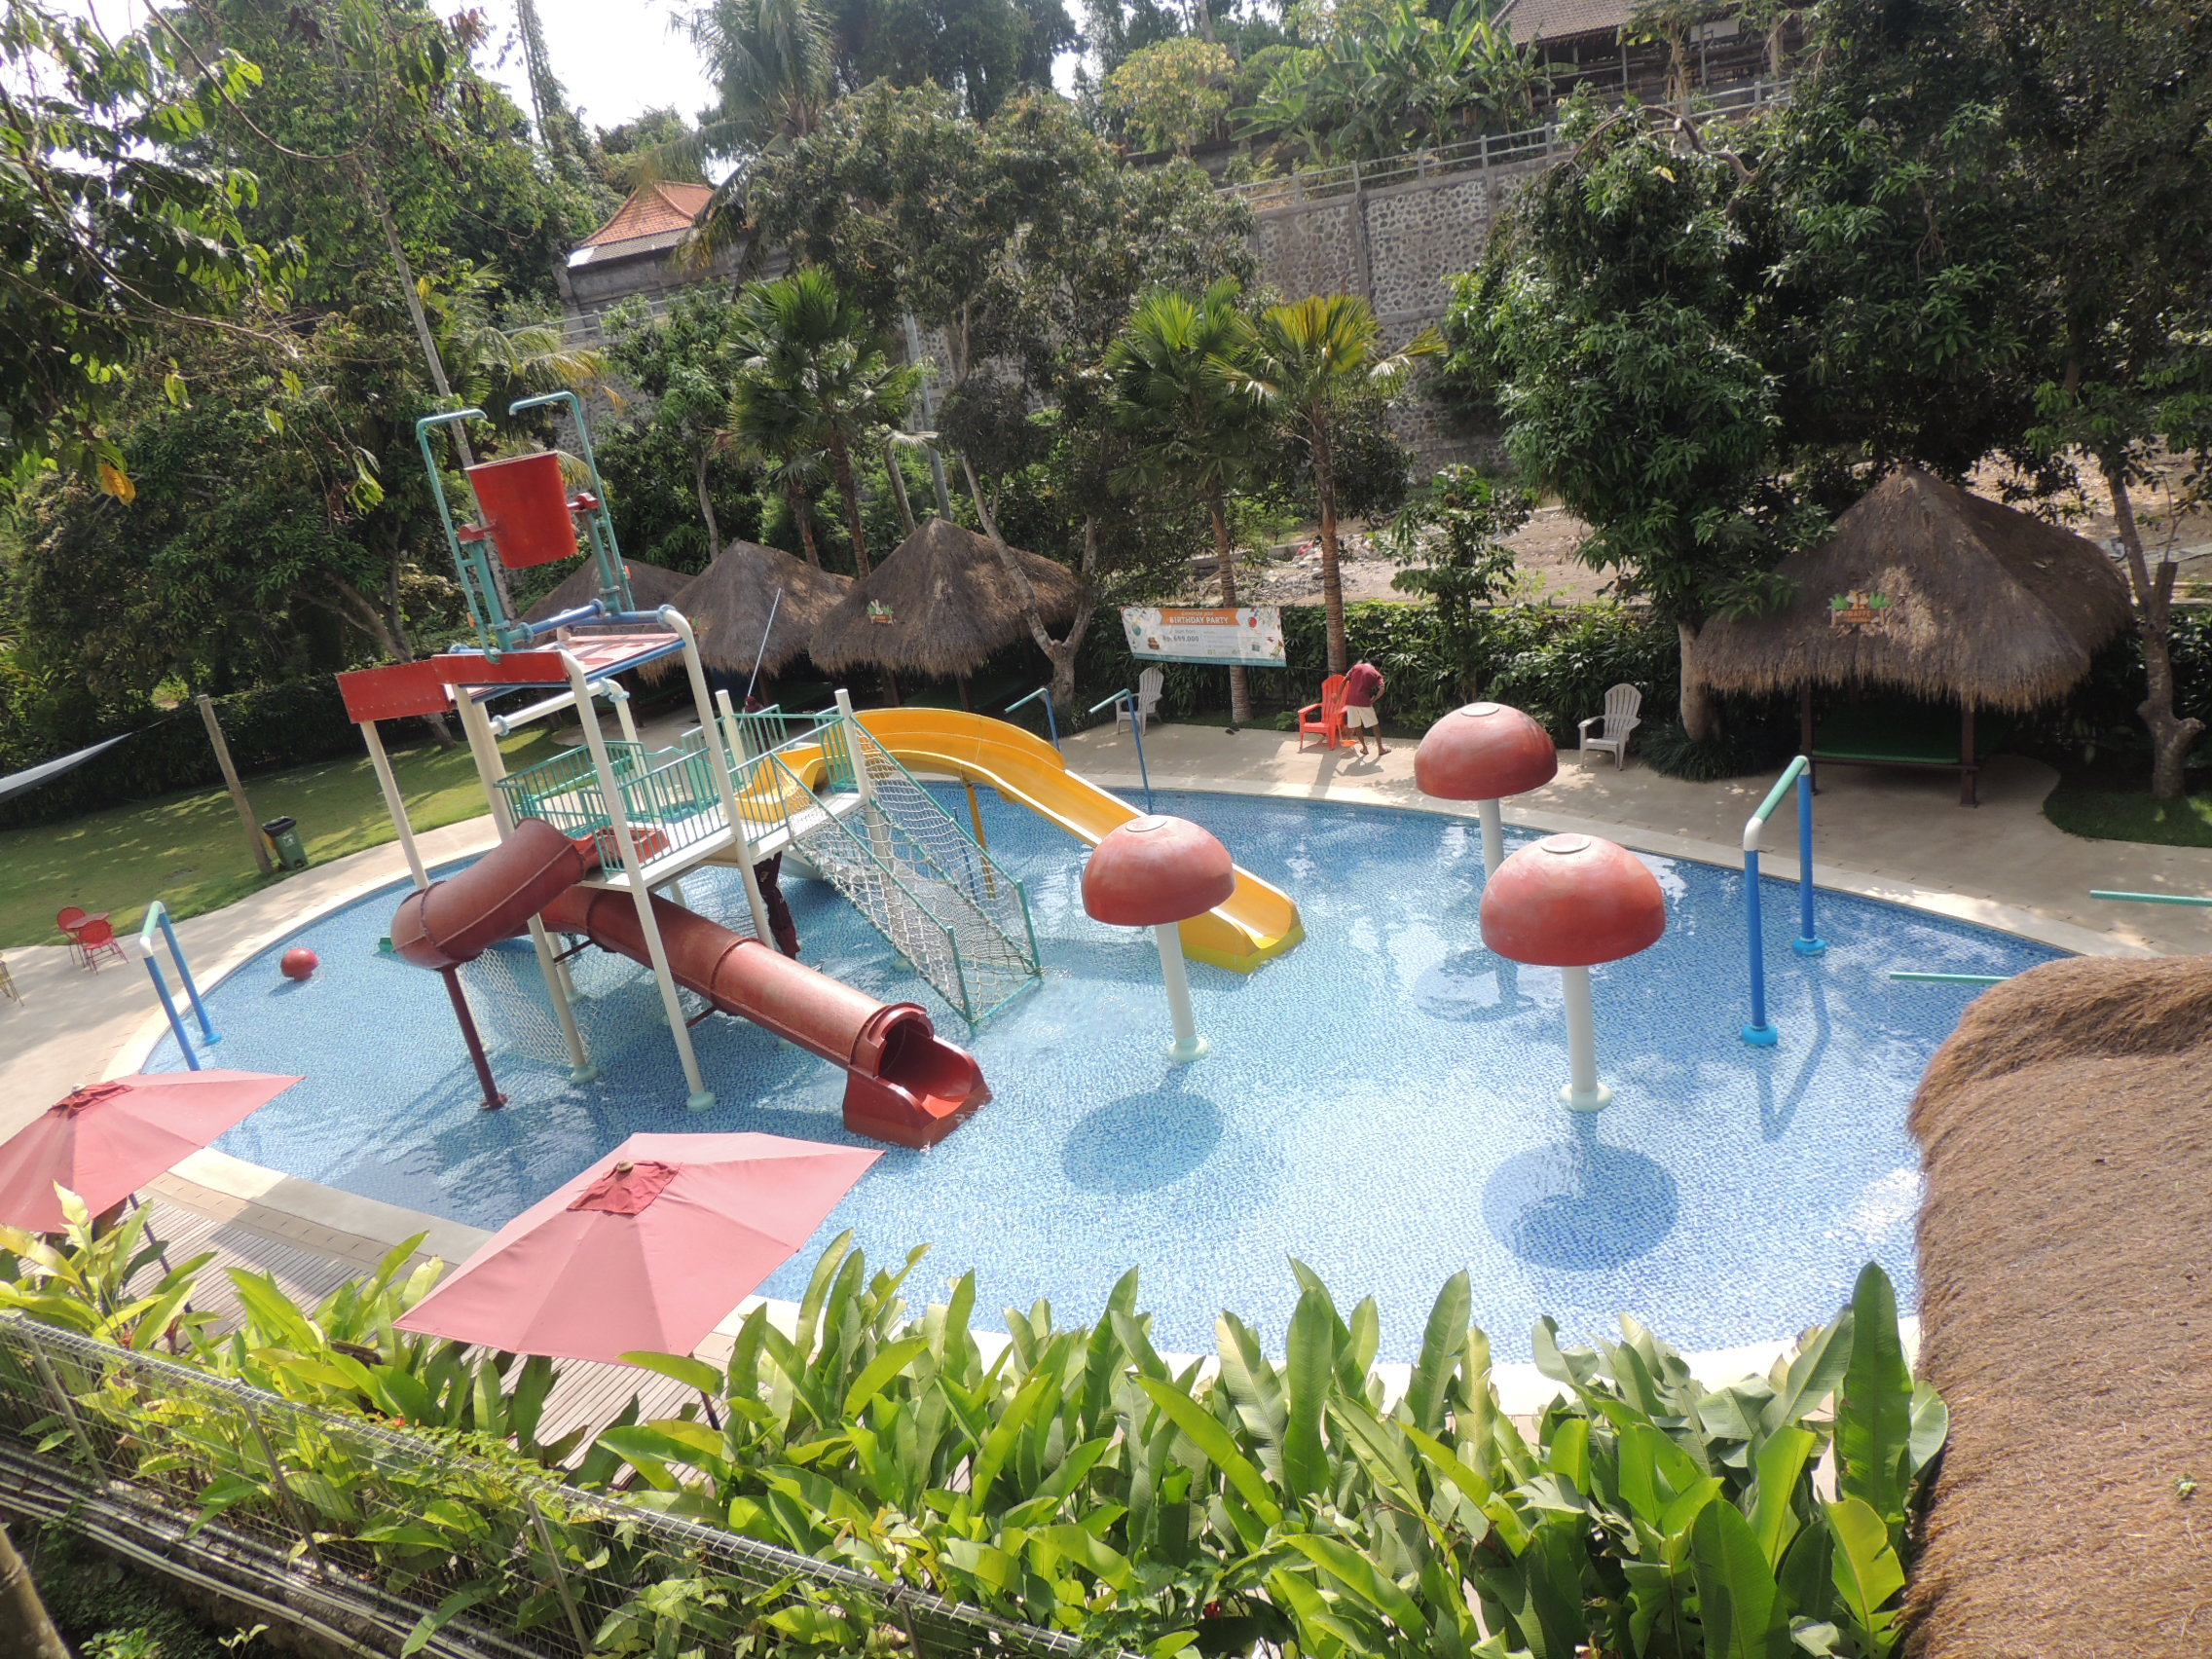 Bali Tour Murah Author At Odyssey Submarine Tanpa Transport Lunch Oya Di Zoo Juga Ada Permainan Baru Untuk Anak Kalau Aktivitas Yang Ini Sudah Termasuk Tiket Masuk Jadi Tidak Biaya Tambahan